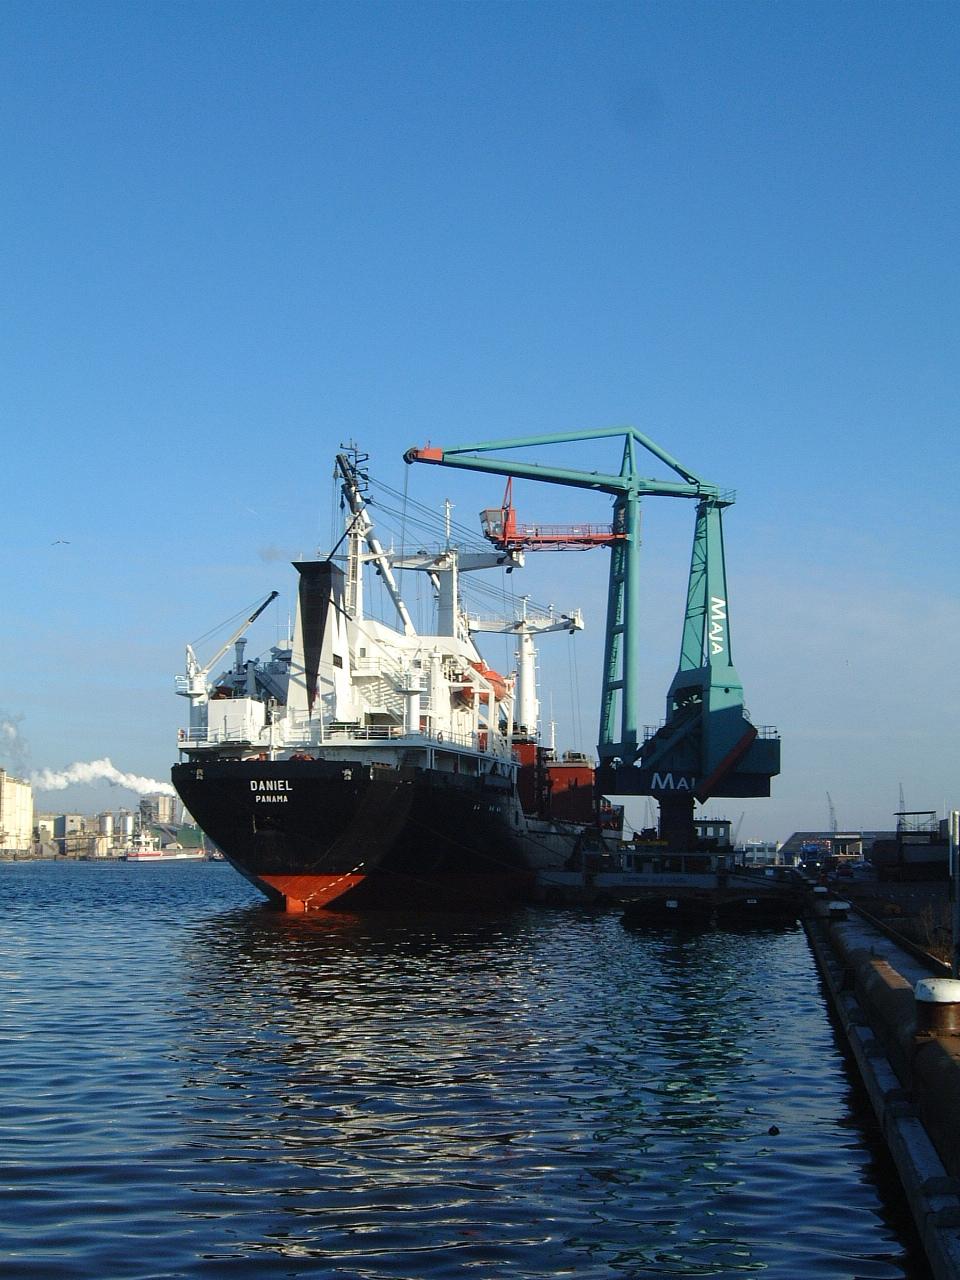 maartent ship dock docked harbor harbour boat cargo loading daniel